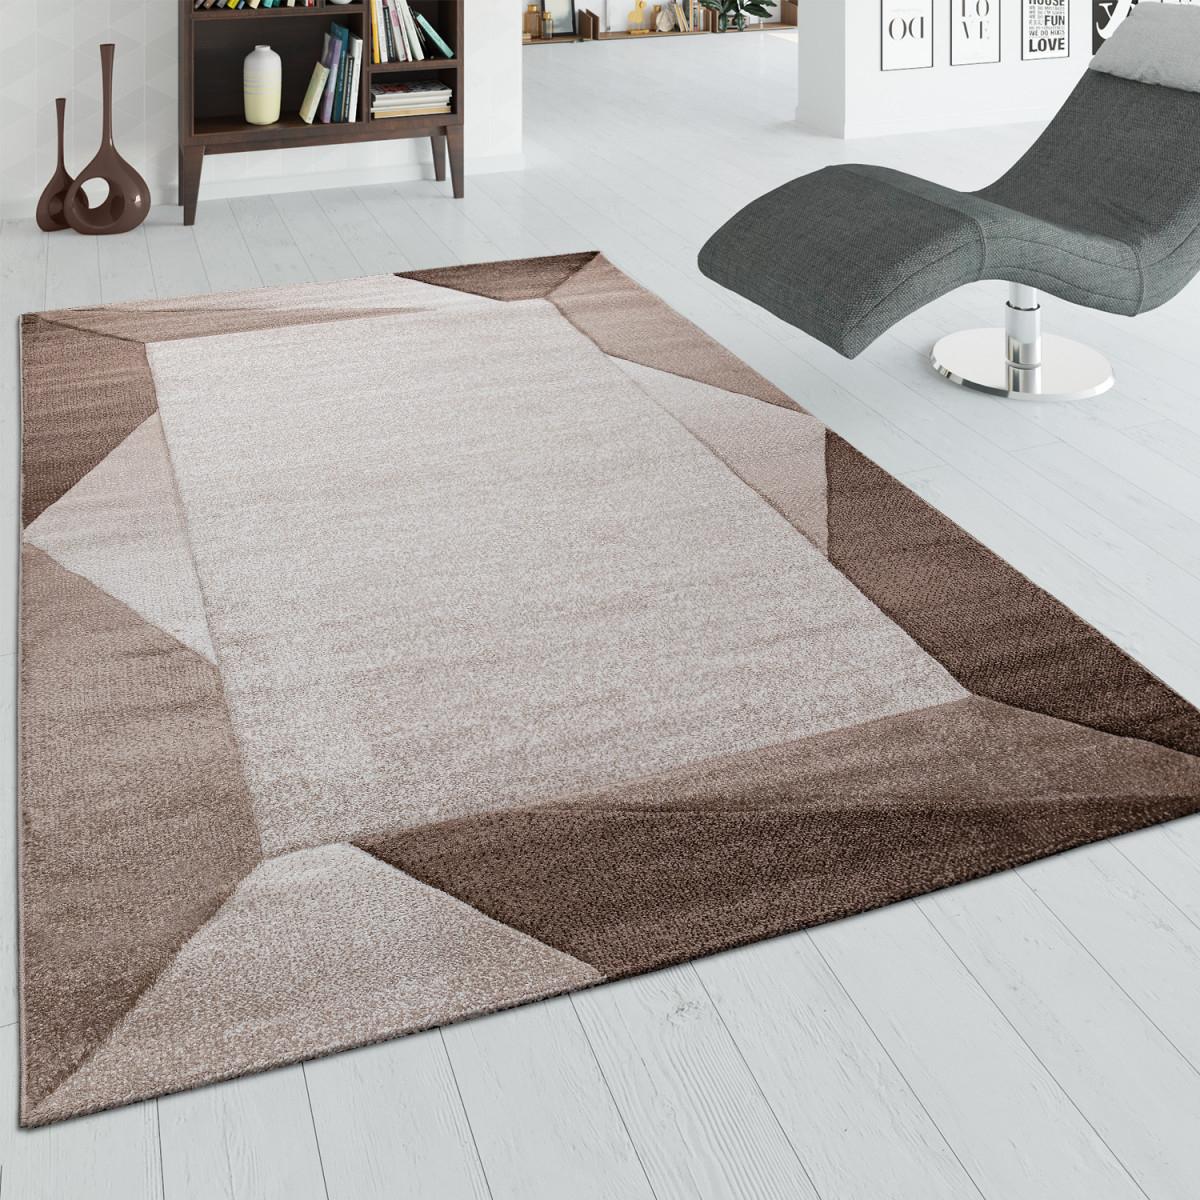 Wohnzimmerteppich Mit Bordüre Und 3Deffekt Kurzflorteppich In Beige  Braun von Wohnzimmer Teppich Braun Beige Photo